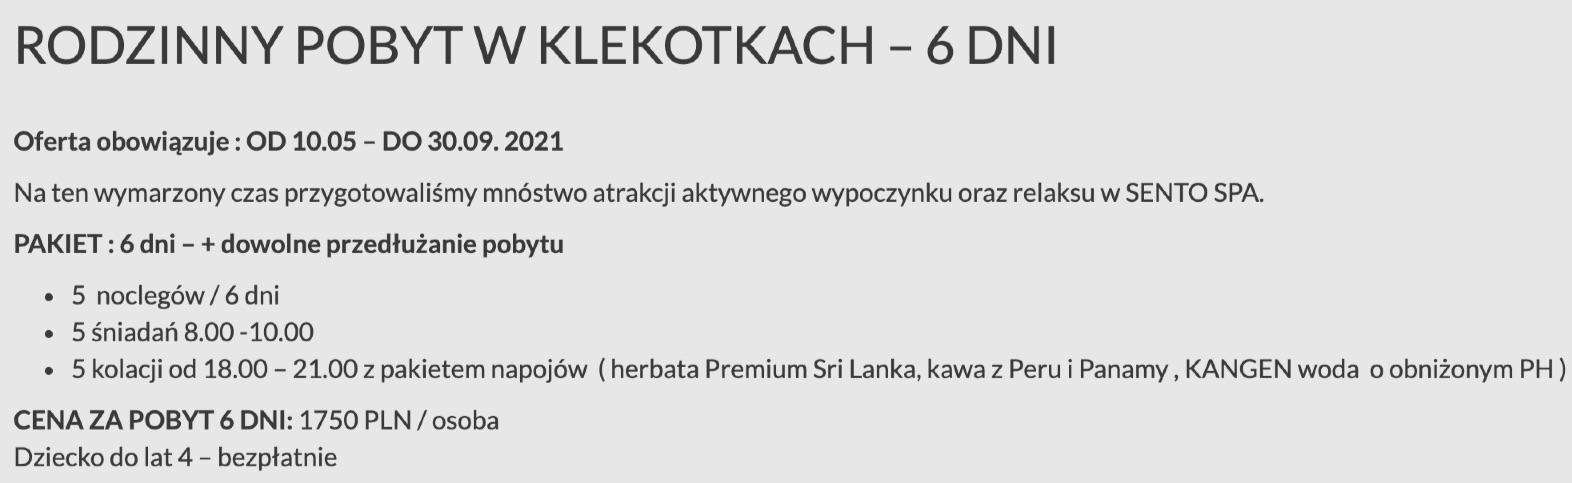 Partner Link klekotki_pl_accomodations_direct